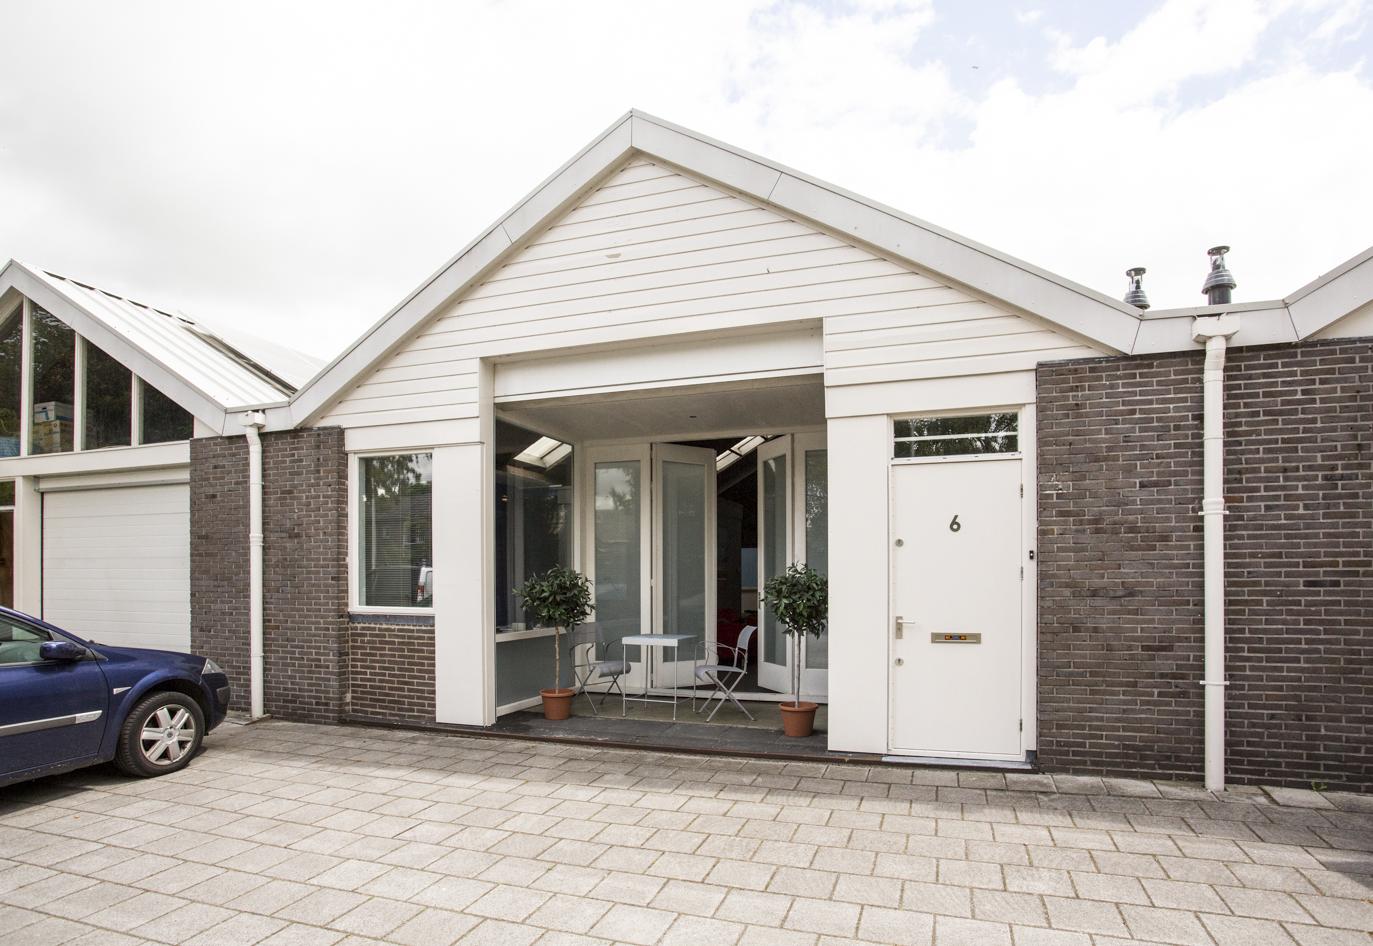 Bedrijfsruimte Amsterdam-Noord eudorinastraat 6